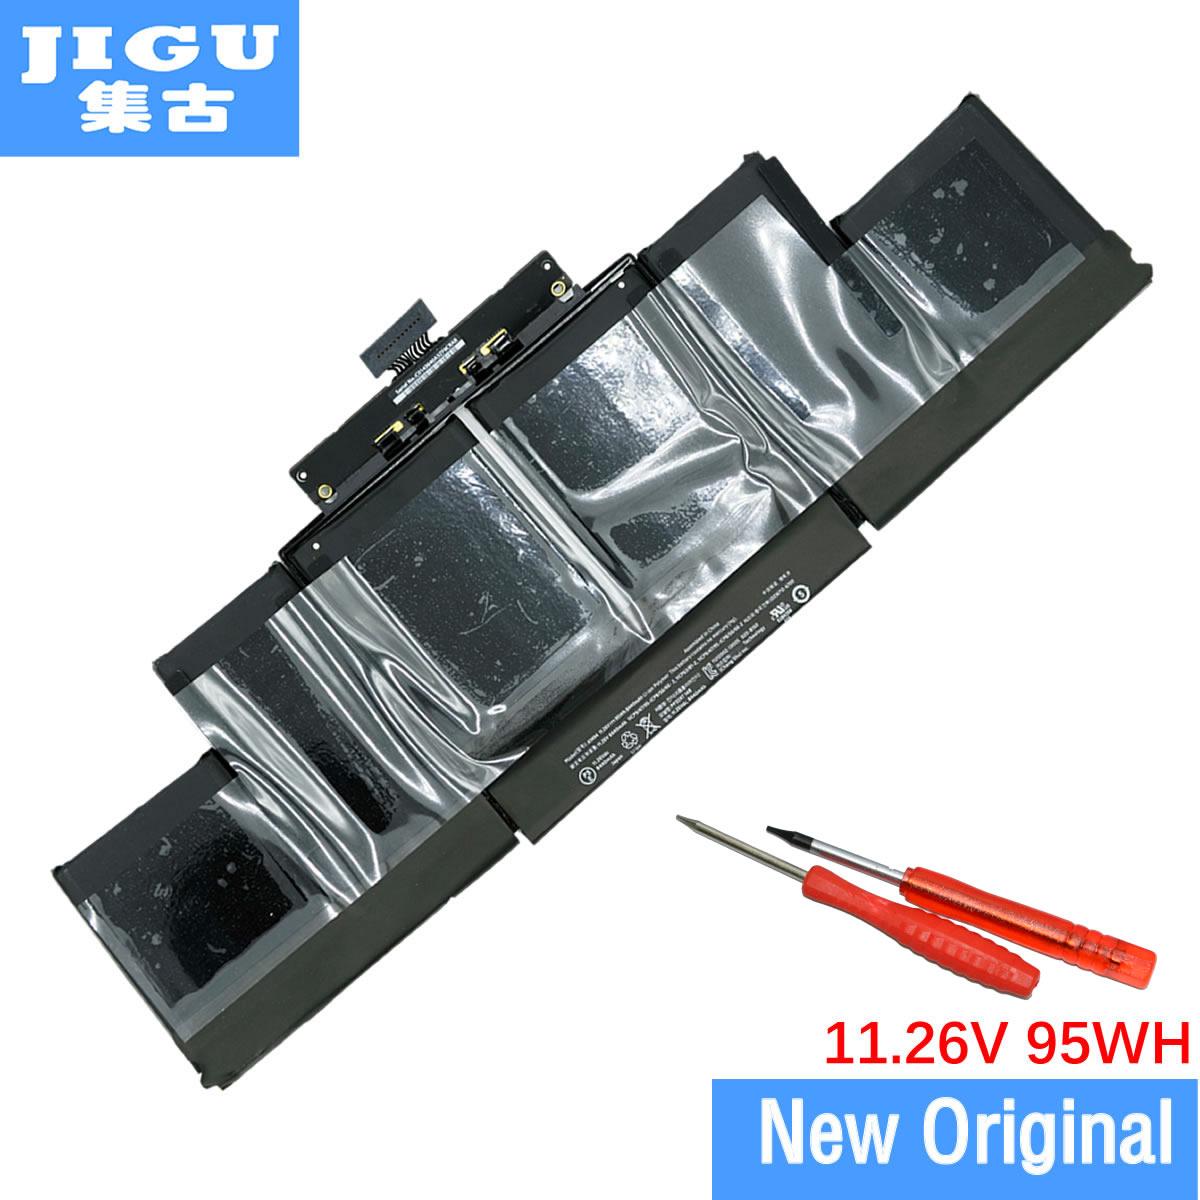 JIGU A1494 Batterie D'ordinateur Portable D'origine Pour APPLE pour MacBook Pro 15